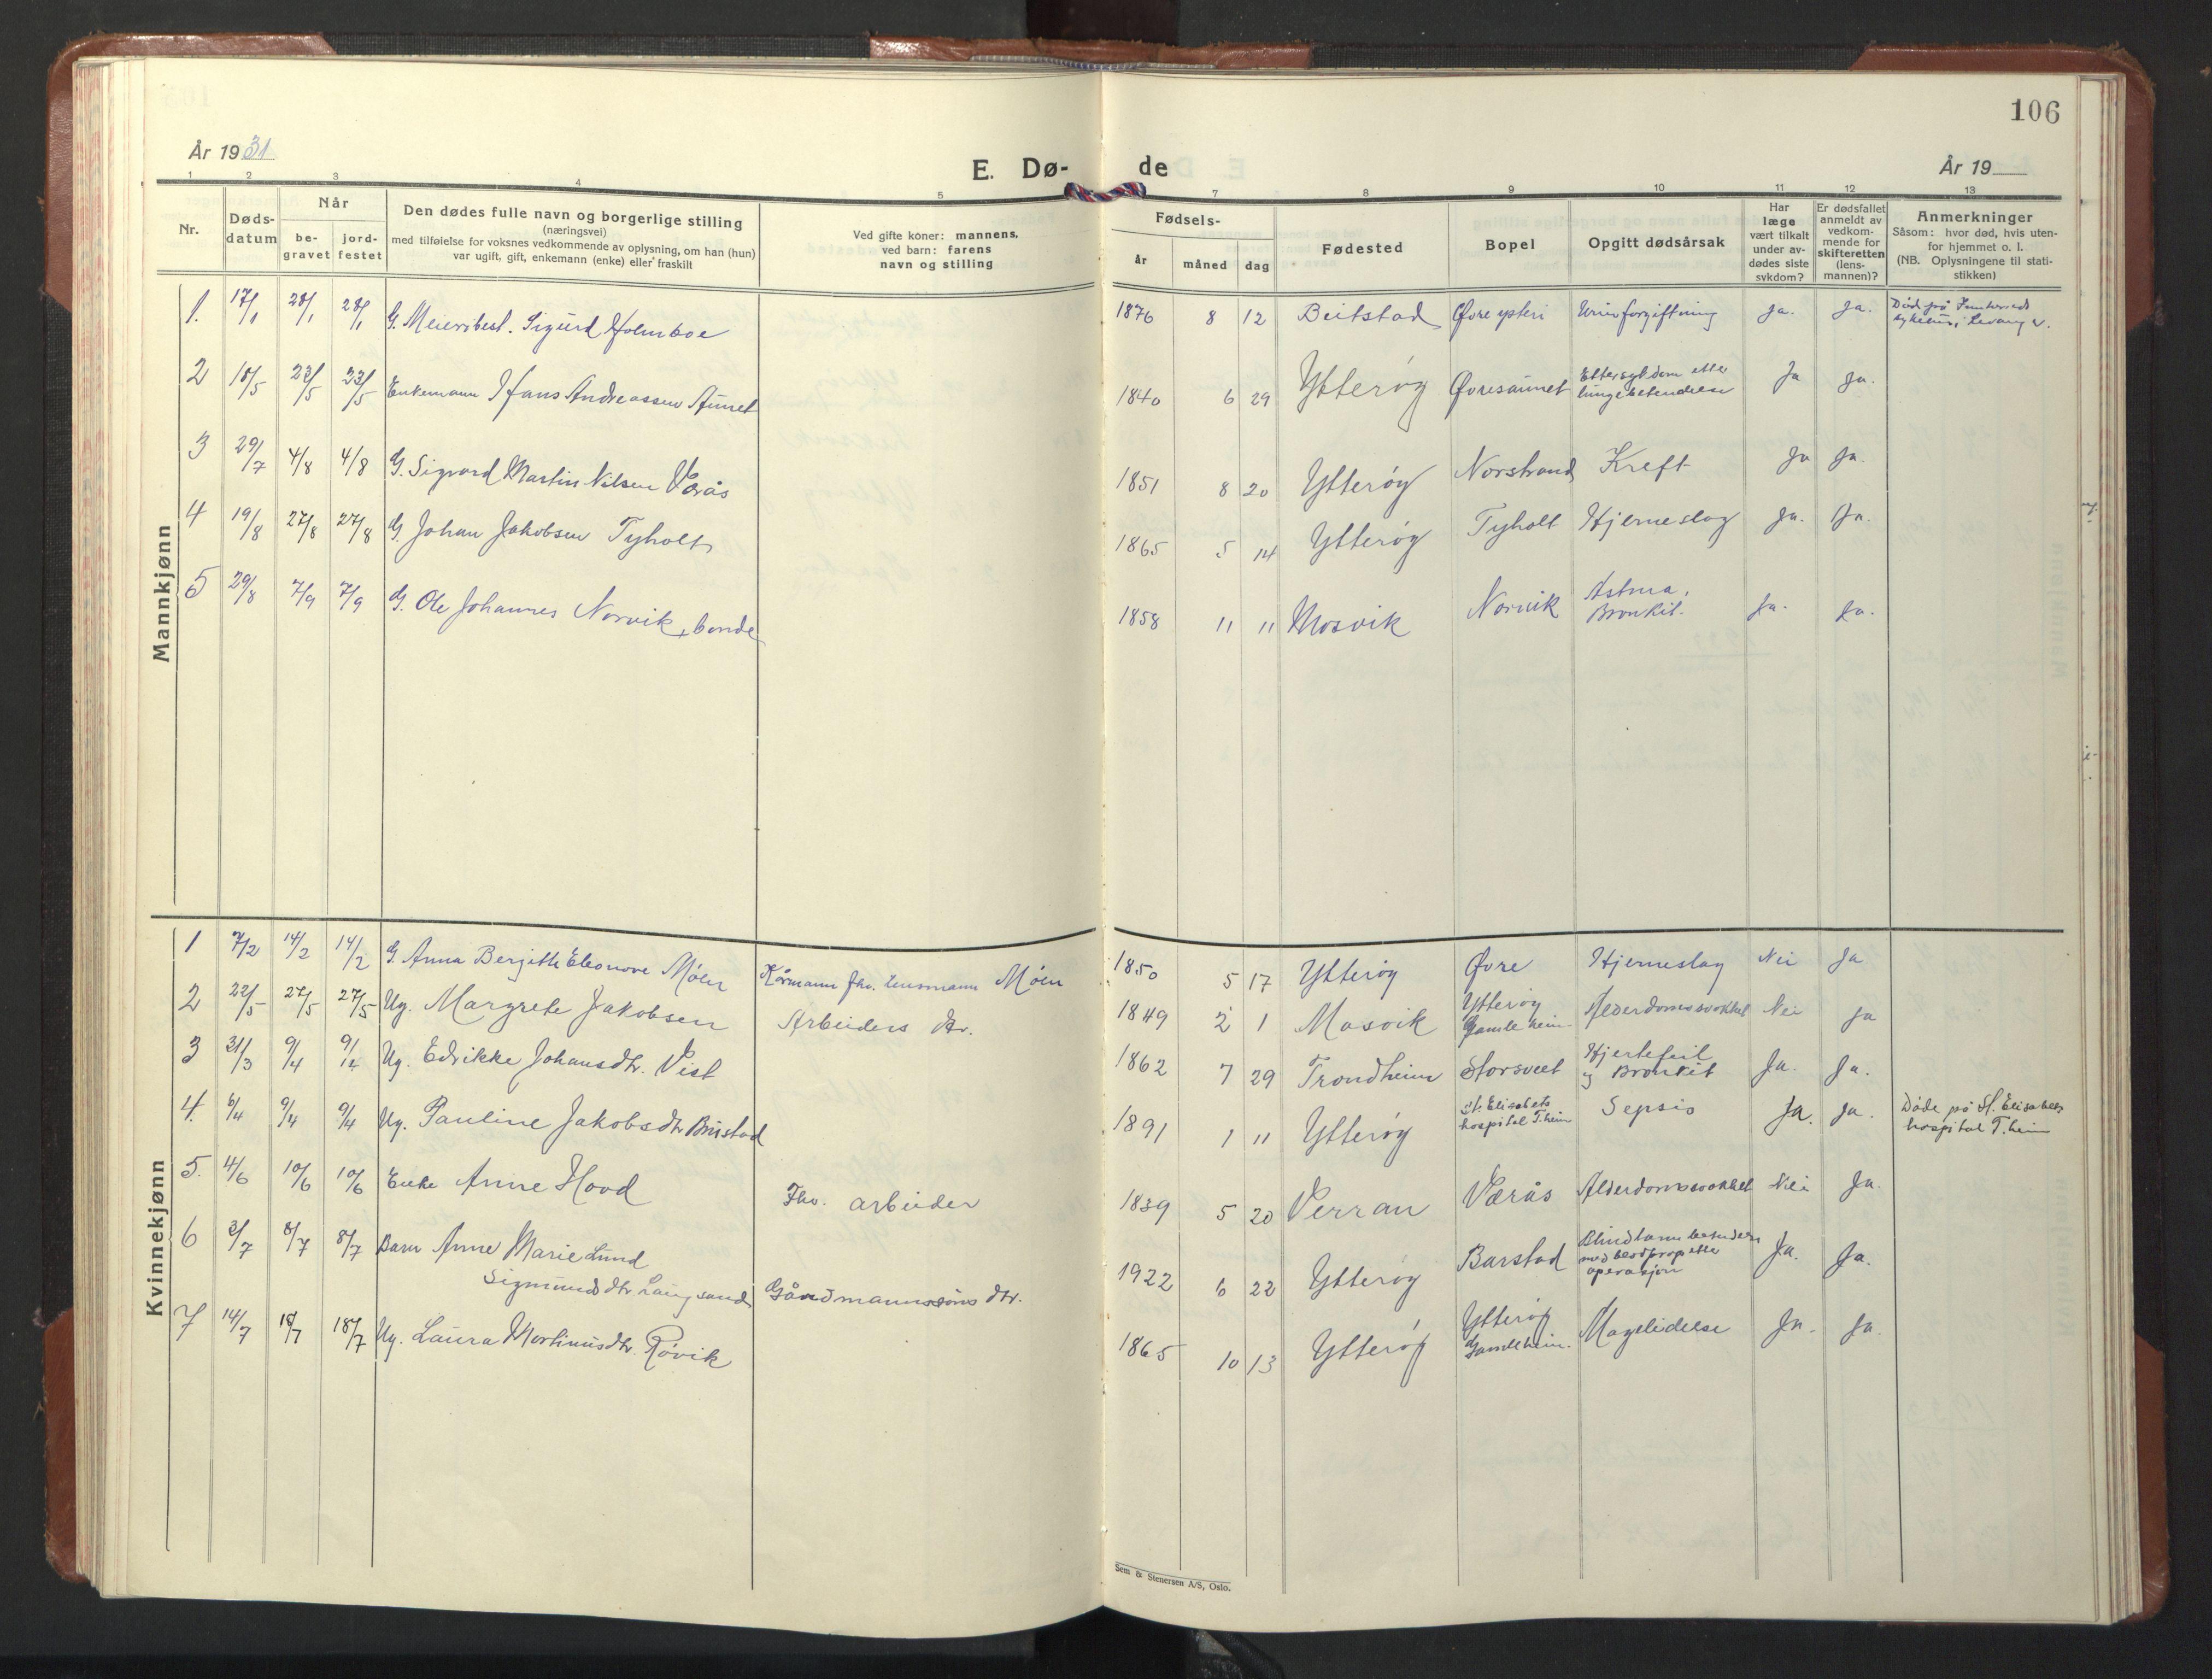 SAT, Ministerialprotokoller, klokkerbøker og fødselsregistre - Nord-Trøndelag, 722/L0227: Klokkerbok nr. 722C03, 1928-1958, s. 106